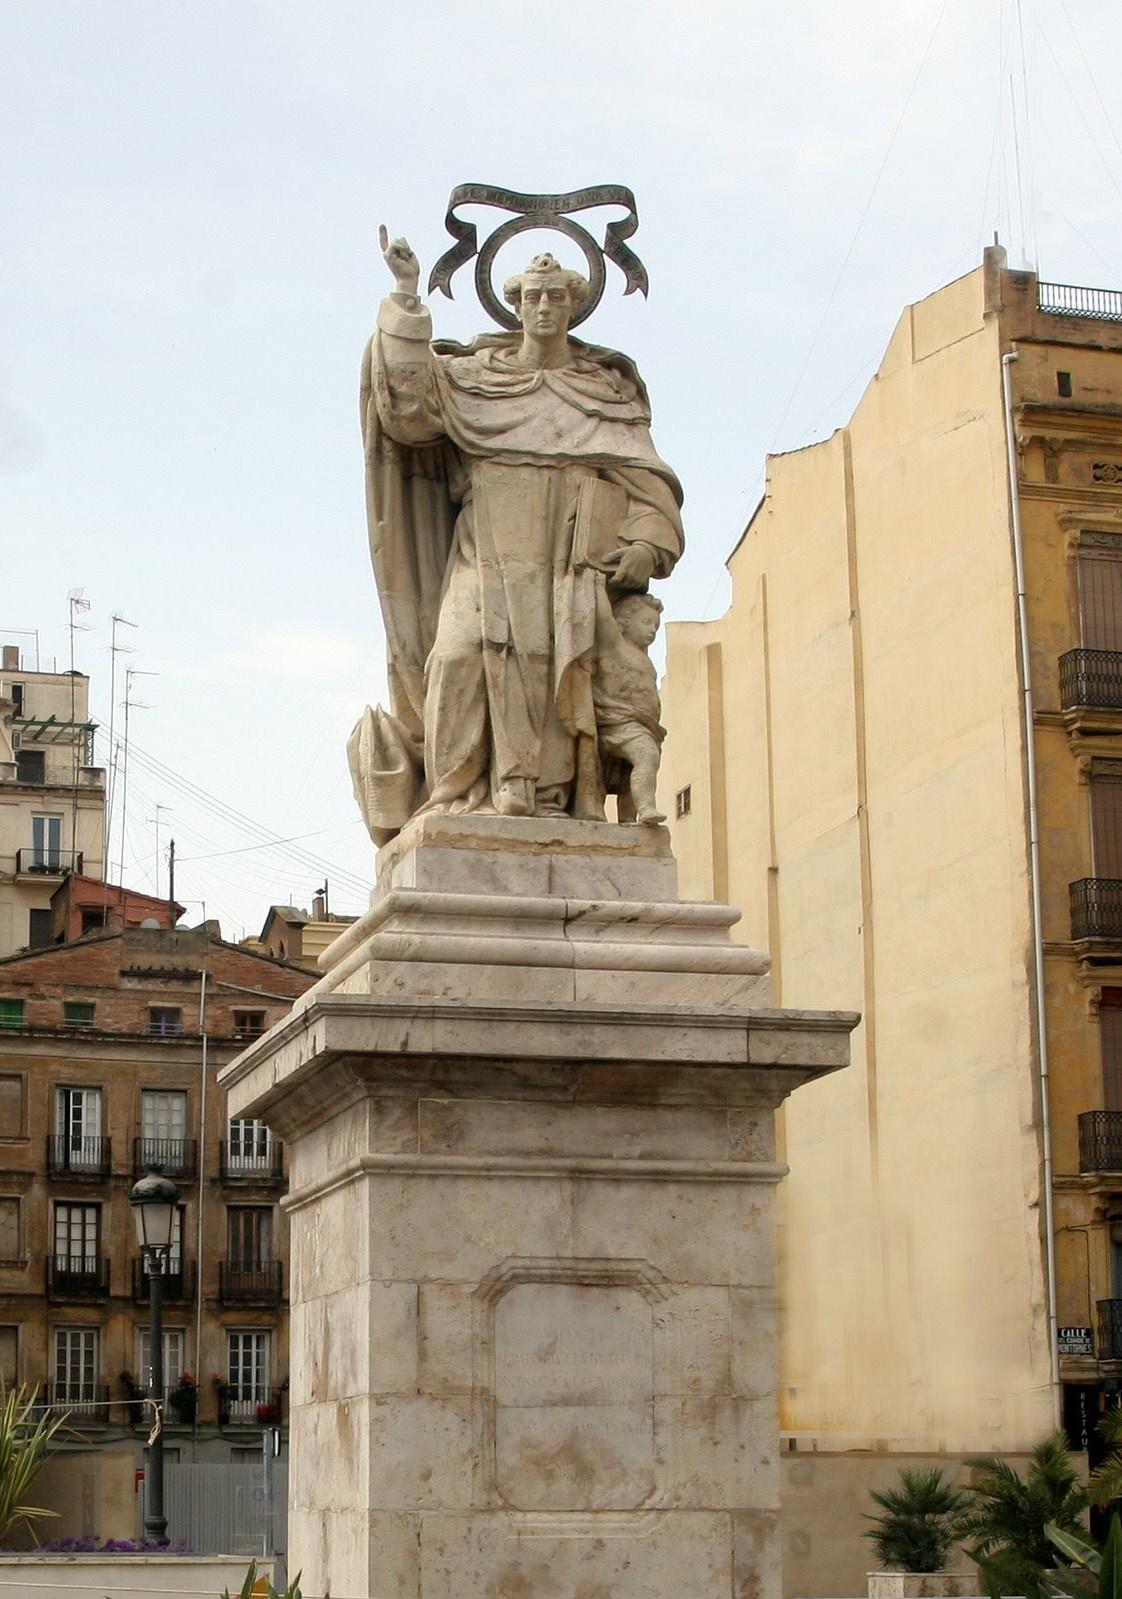 Escultura de San Vicente Ferrer en la antigua puerta de San Vicente, Valencia. Fuente: preguntasantoral.es